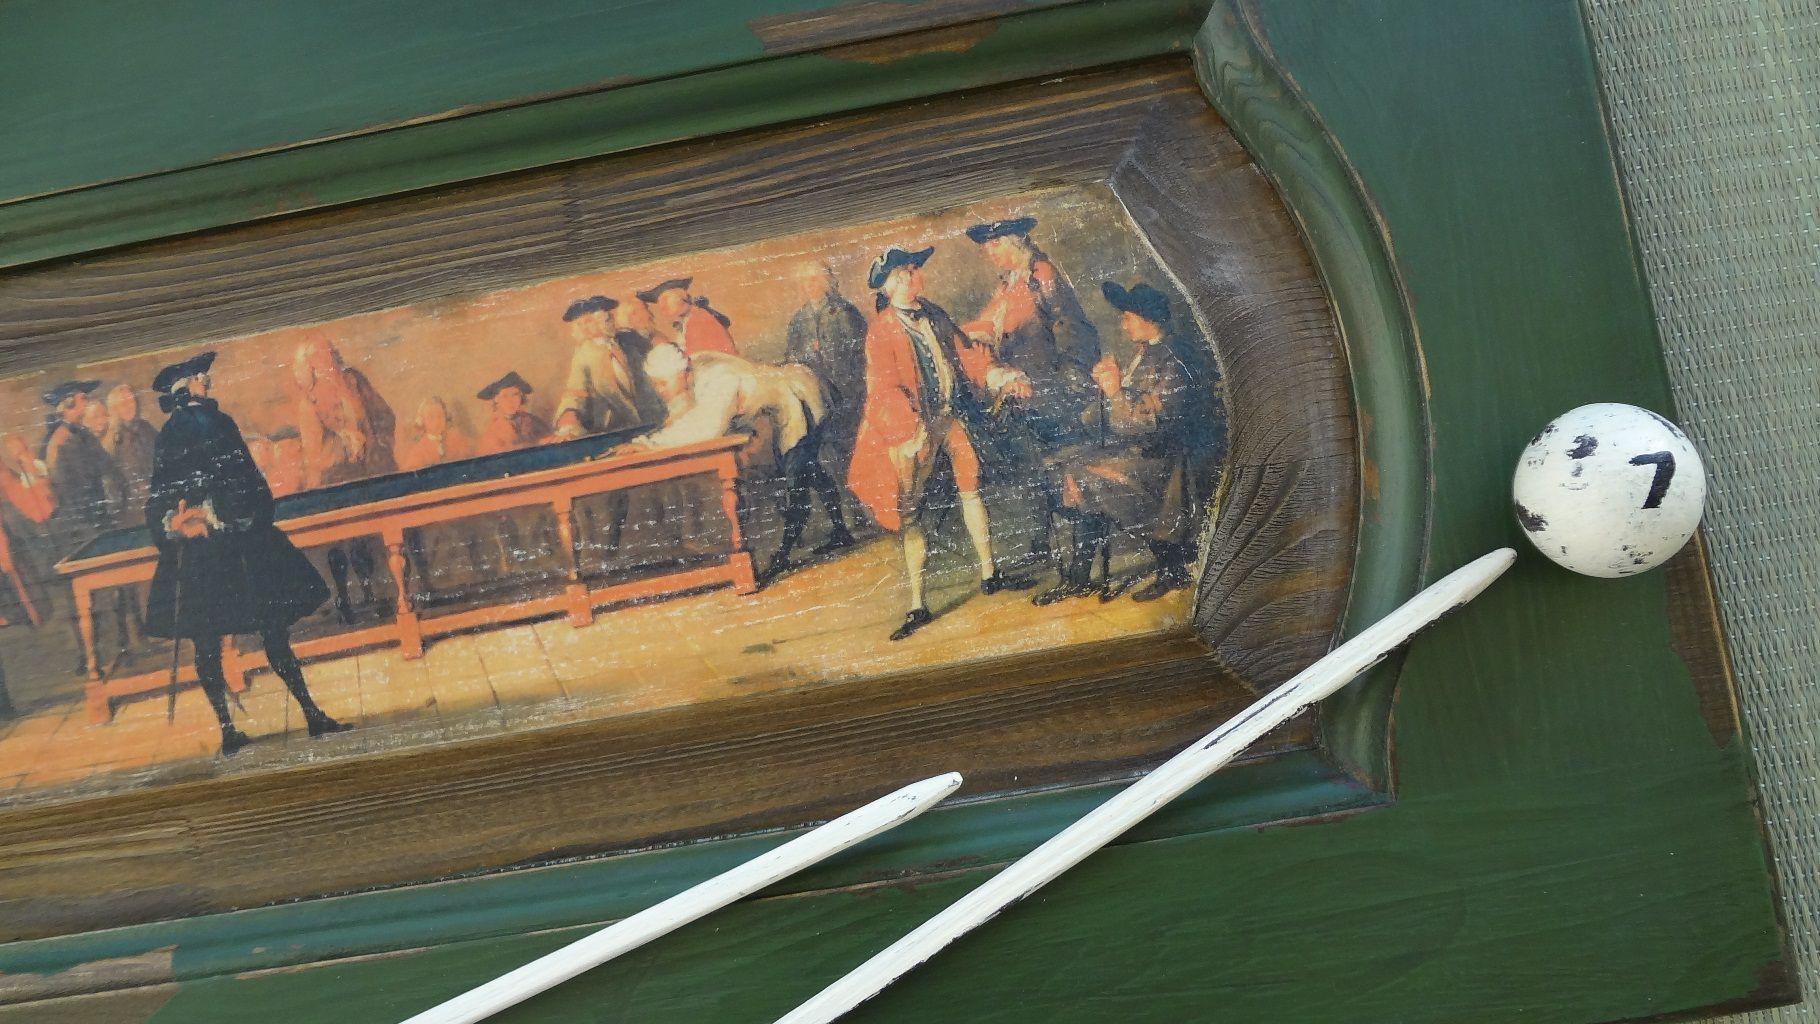 старинная старое бильярд кабинета дерево панно ручная для работа мужчине картина подарок